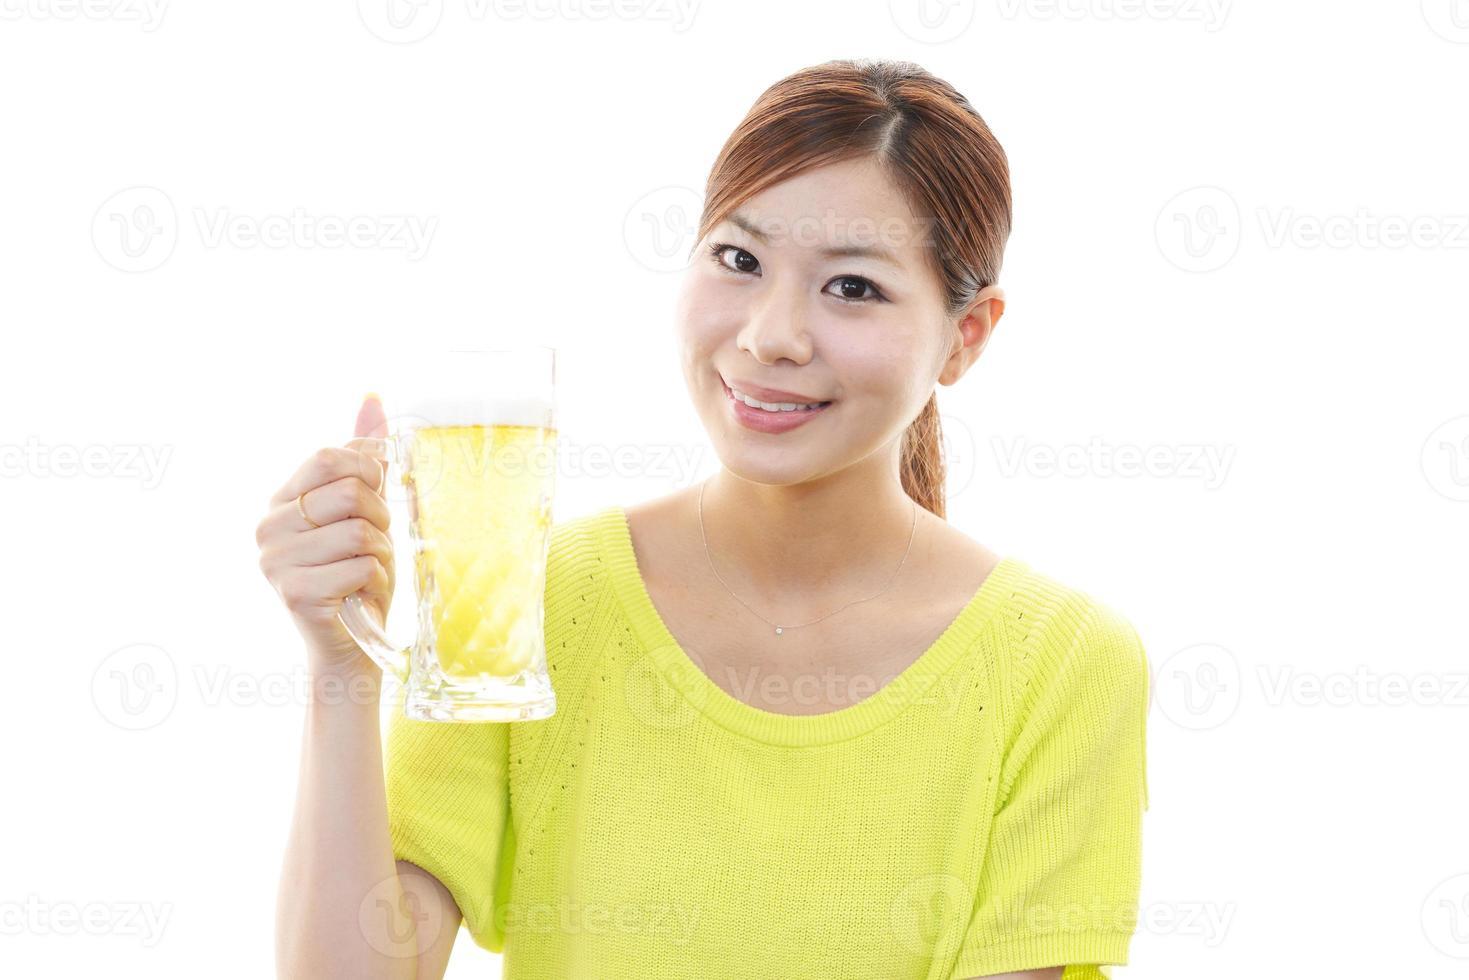 donna che beve birra foto